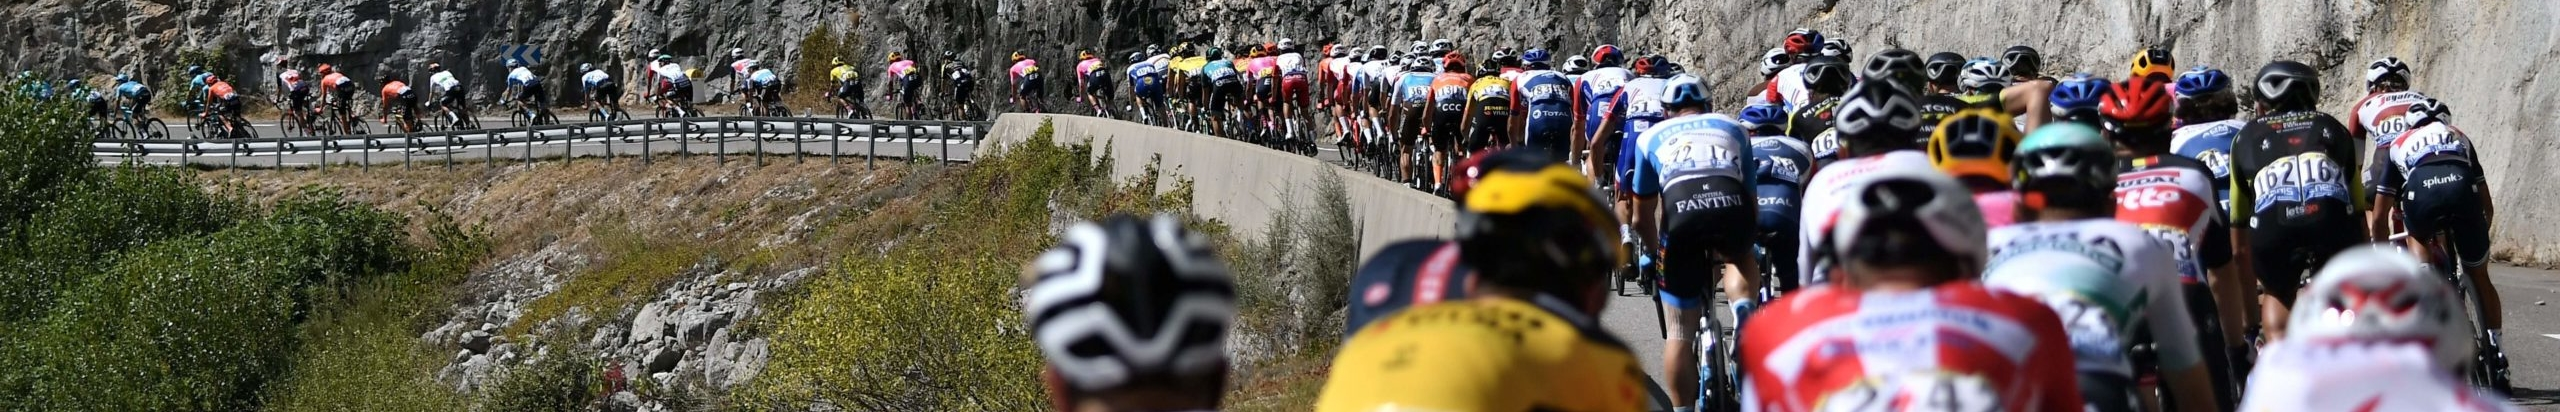 Tour de France 2020, quote e favoriti per la tappa 6: primo vero esame per i favoriti